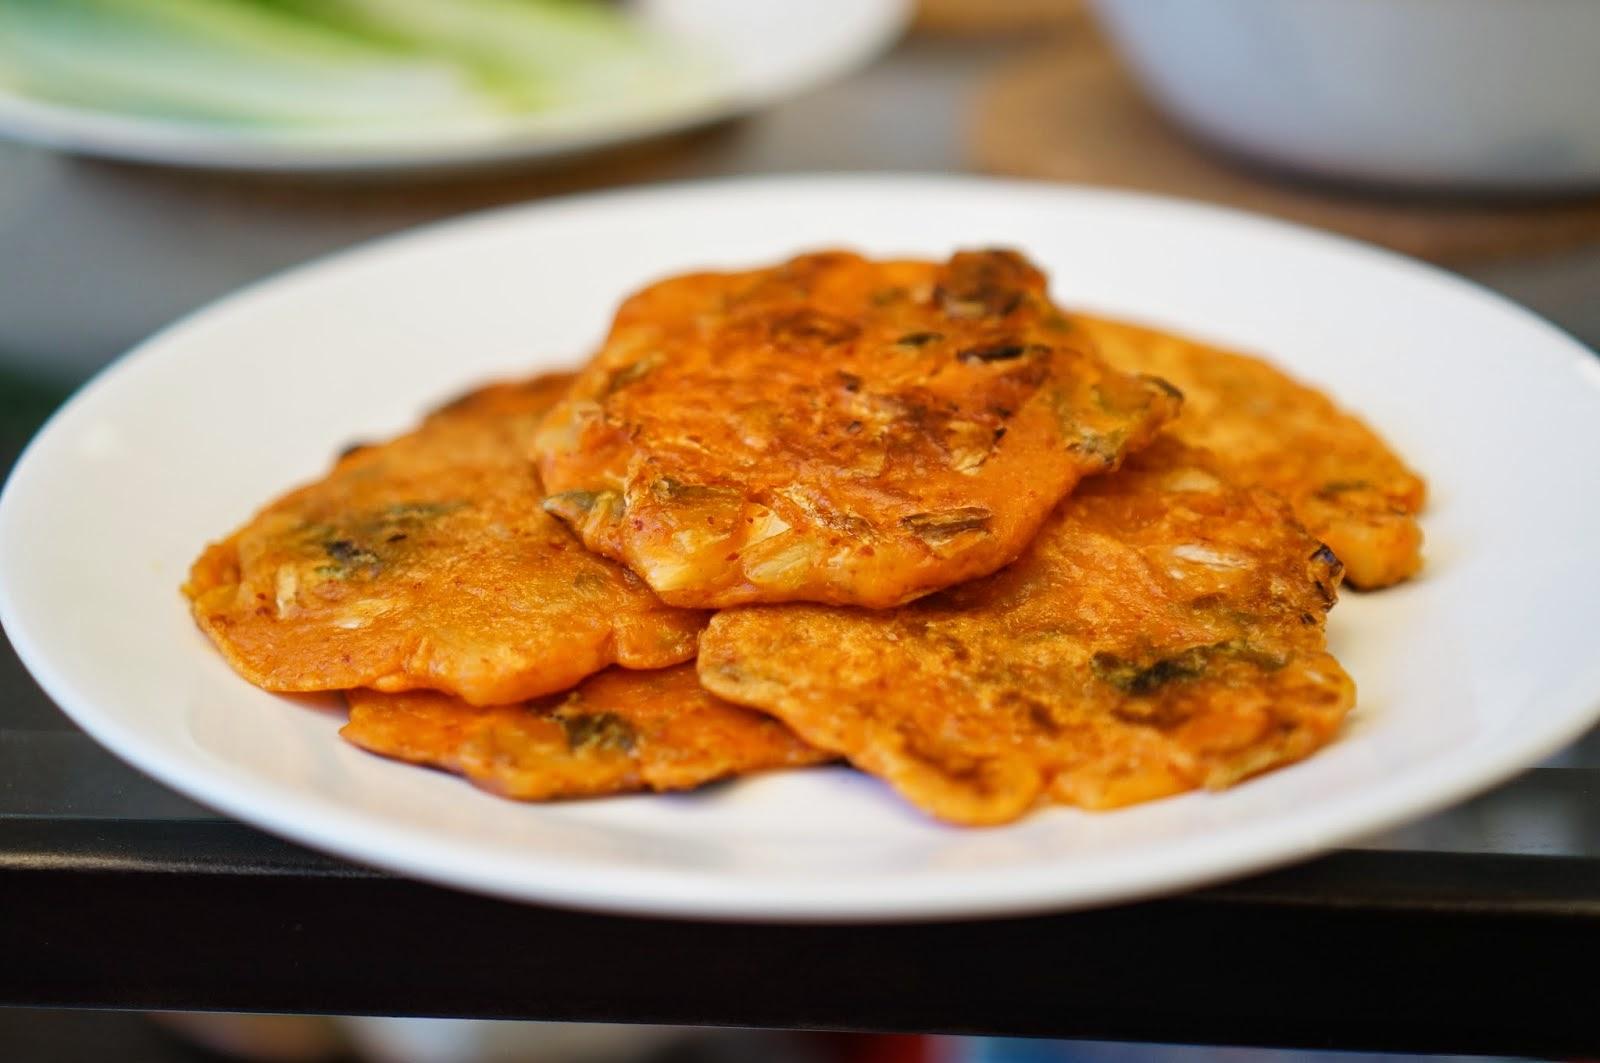 Kogi Bulgogi Korean Cuisine Craving for Seoul Food?